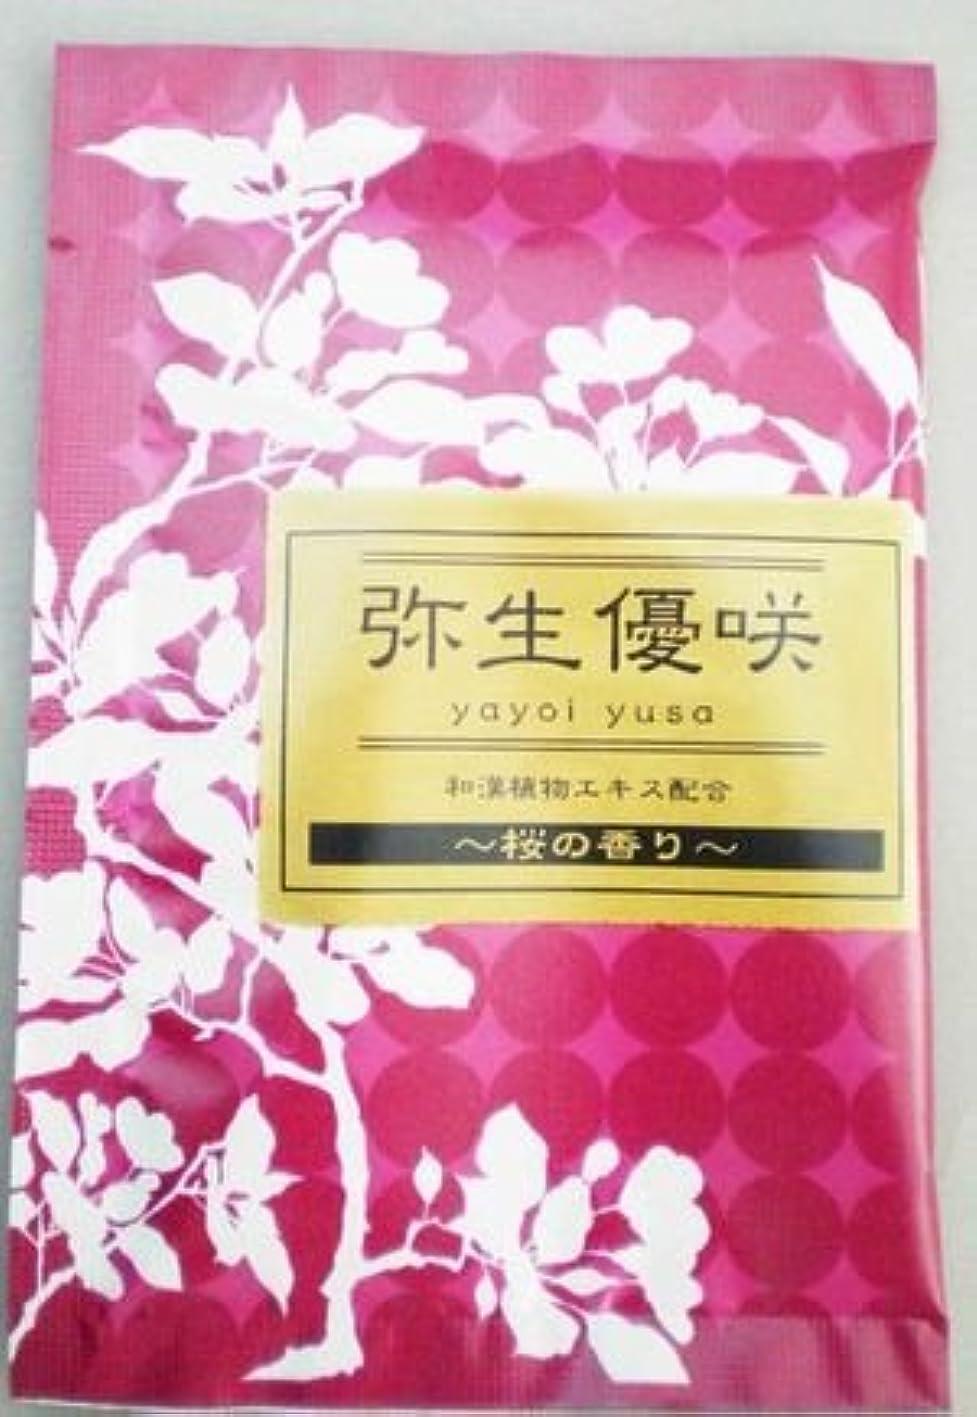 壮大な汚れる解決綺羅の刻 弥生優咲 桜の香り(1包)